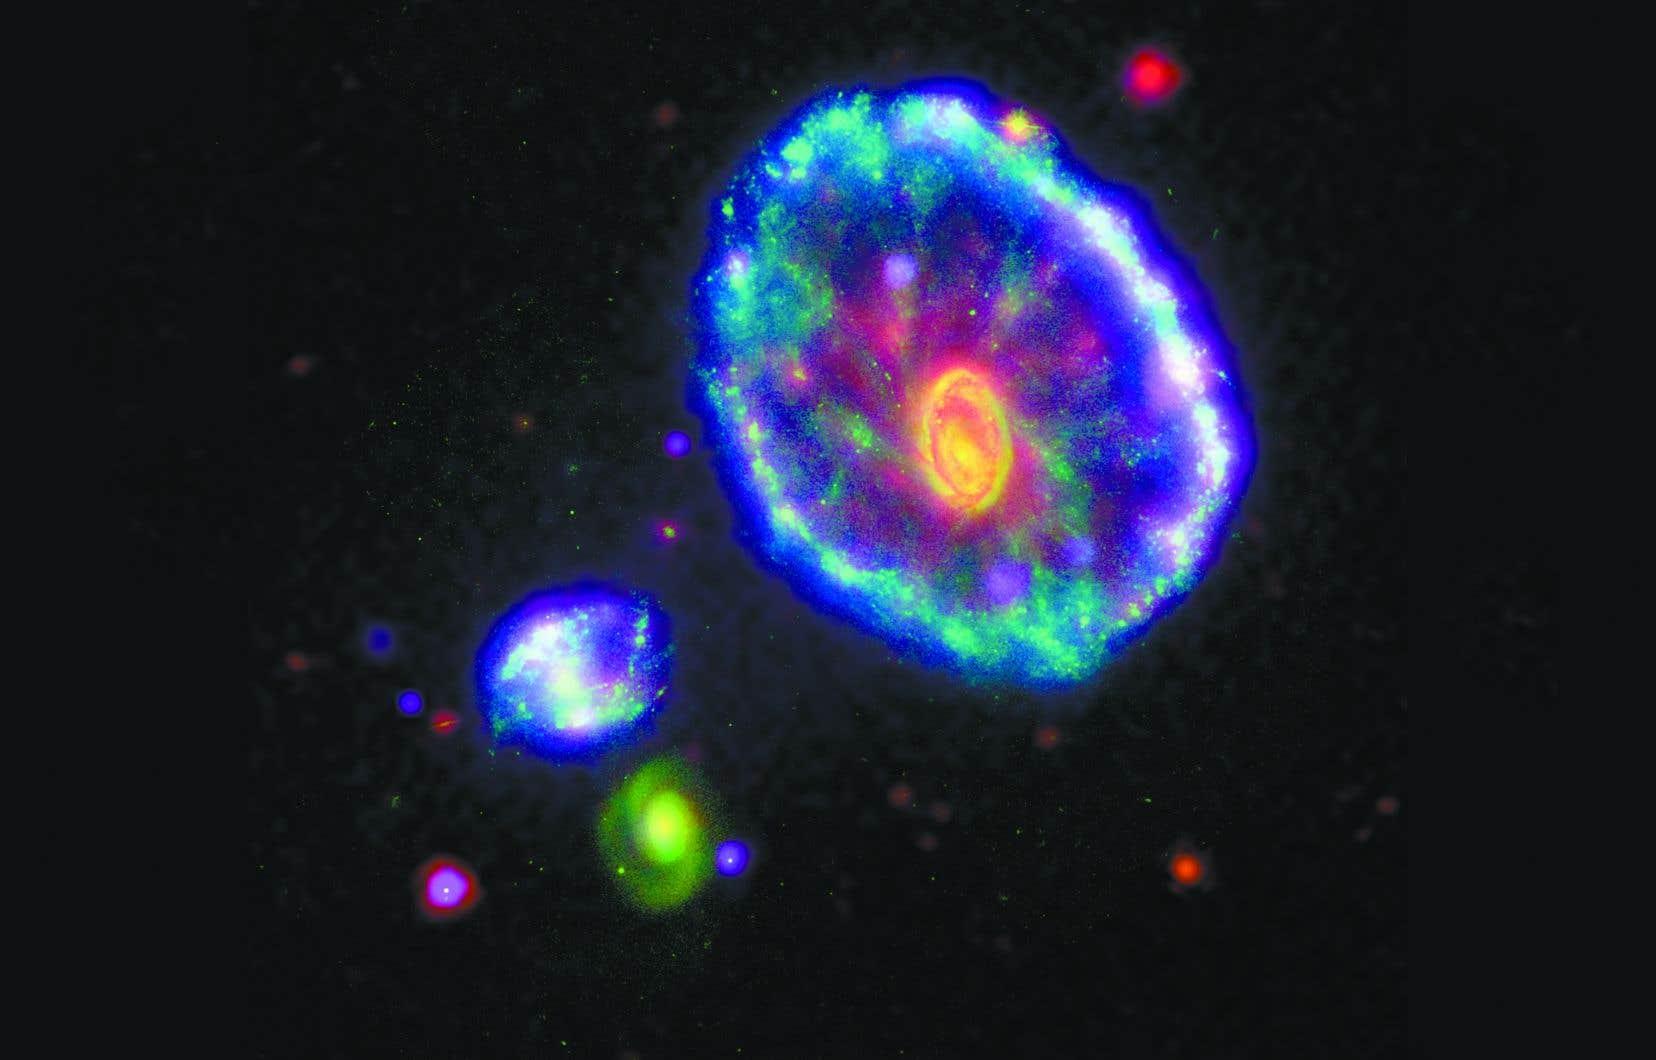 Observée par le télescope spatial Spitzer, la galaxie de la Roue de chariot («Cartwheel galaxy») est une galaxie lenticulaire à anneau située à environ 500millions d'années-lumière du Soleil dans la constellation du Sculpteur. Sa forme actuelle serait issue d'une collision avec une petite galaxie il y a environ 100 ou 200millions d'années.